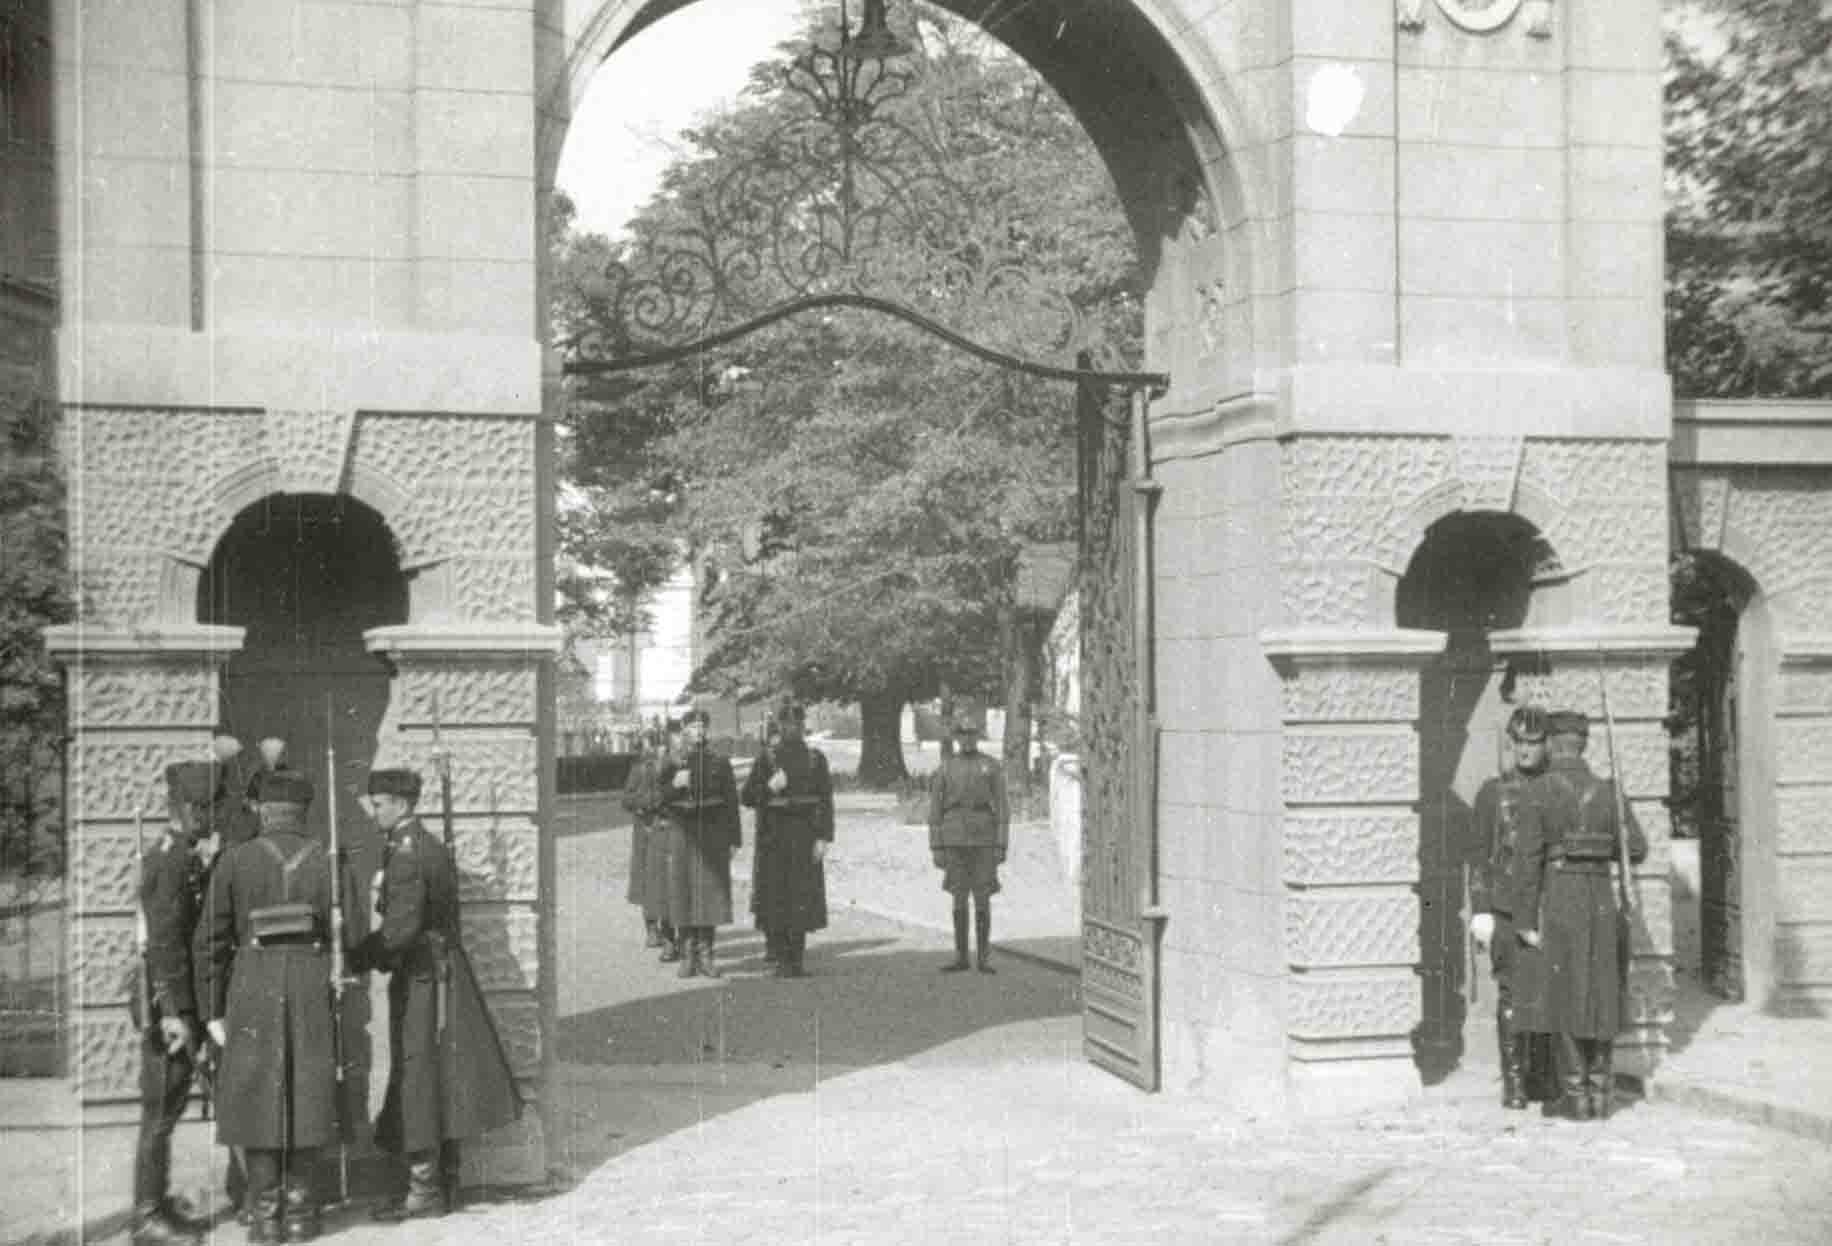 beograd-prestonica-kraljevine-jugoslavije-1932-2